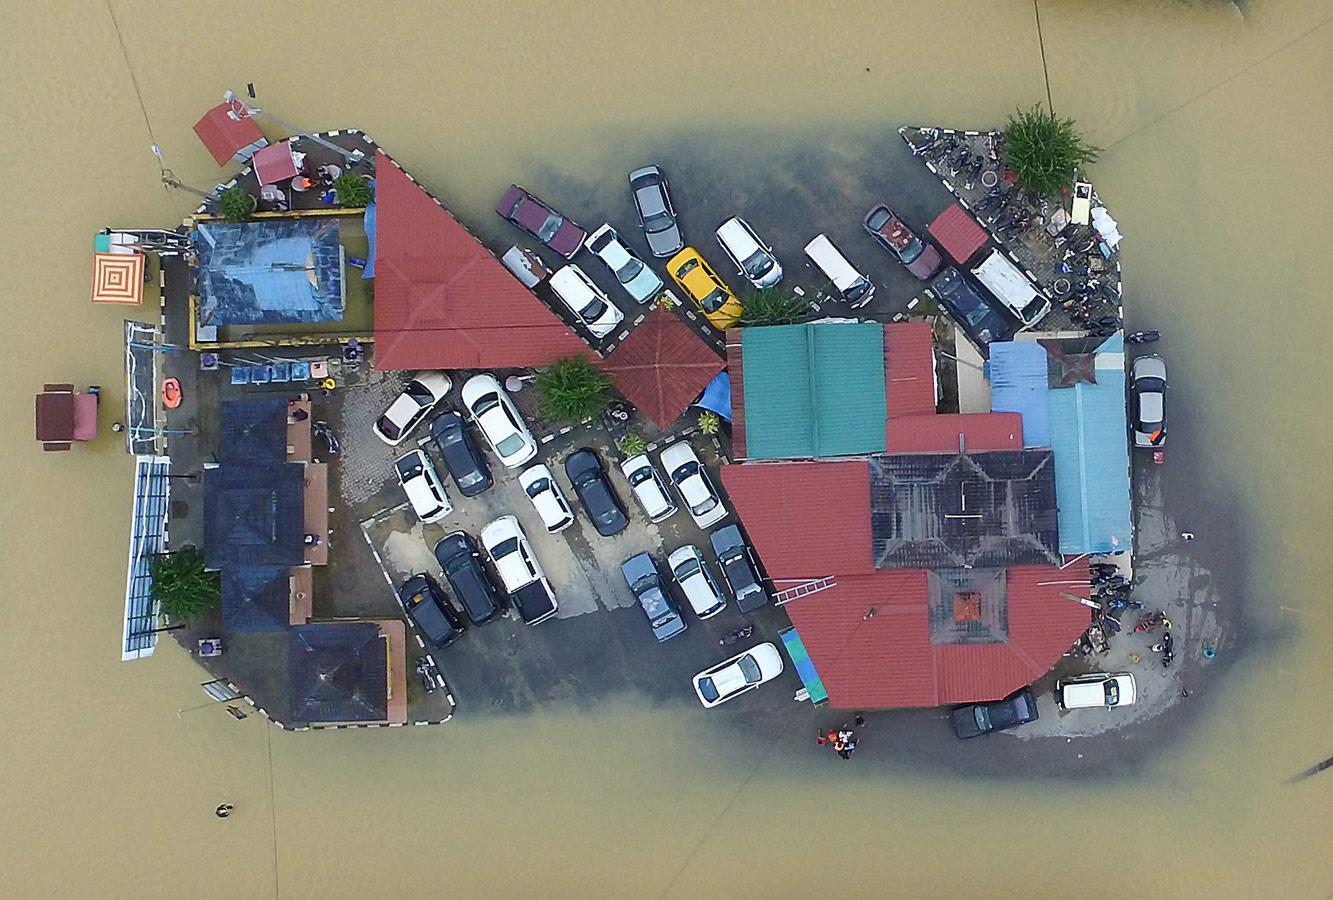 Спасение от наводнения / Малайзия, © Мухамед Фатхил Асри / New Straits Times Press, Малайзия, 1-я премия в категории «Природа и окружающая среда» (одиночный кадр), Фотоконкурс «Стамбул – 2019» — Istanbul